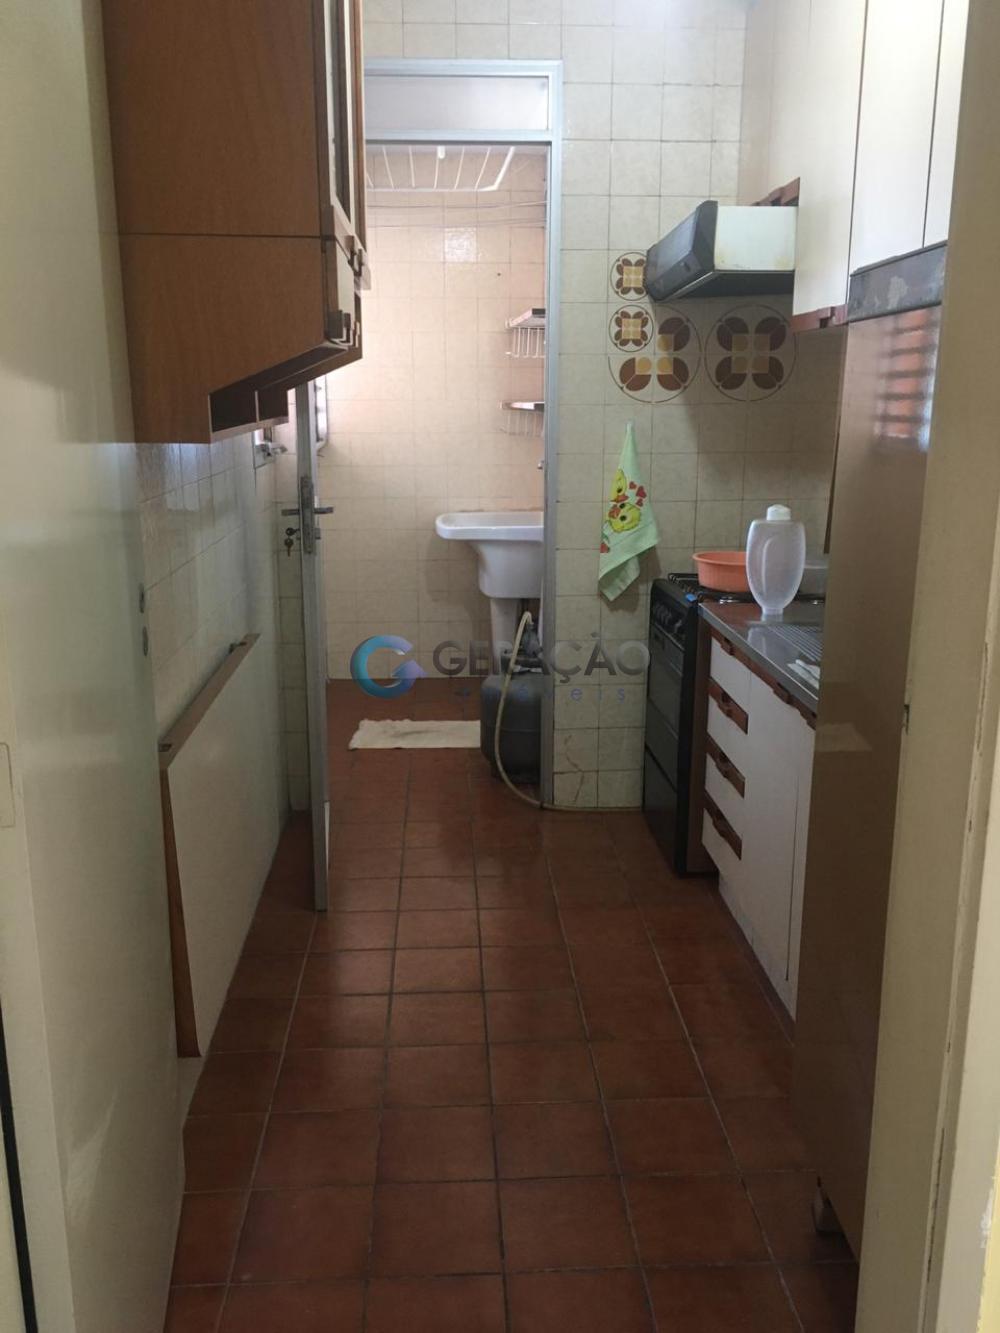 Comprar Apartamento / Padrão em São José dos Campos R$ 190.000,00 - Foto 5